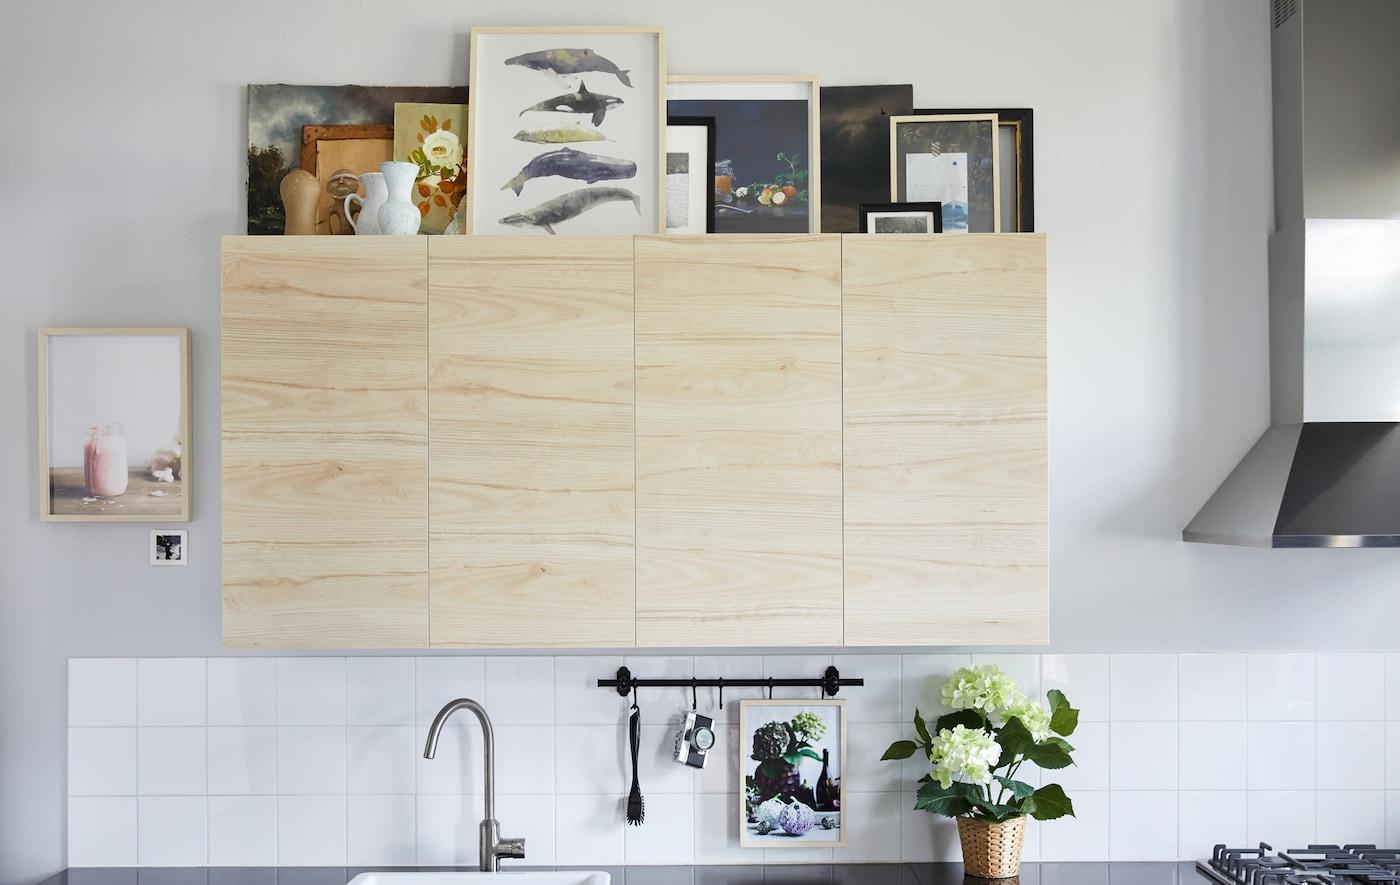 تقدم ايكيا أفكارًا لأسطح خزائن المطبخ لتبدو أشبه بالمعرض الفني. اختر شكل أو شكلين نهائيين للإطارات لمظهر مفعم بالهدوء، مثل إطار HOVSTA العصري من خشب البتولا. استخدم أحجامًا مختلفة لإضفاء التميز واختر القطع التي يسهل رؤيتها عن بُعد.